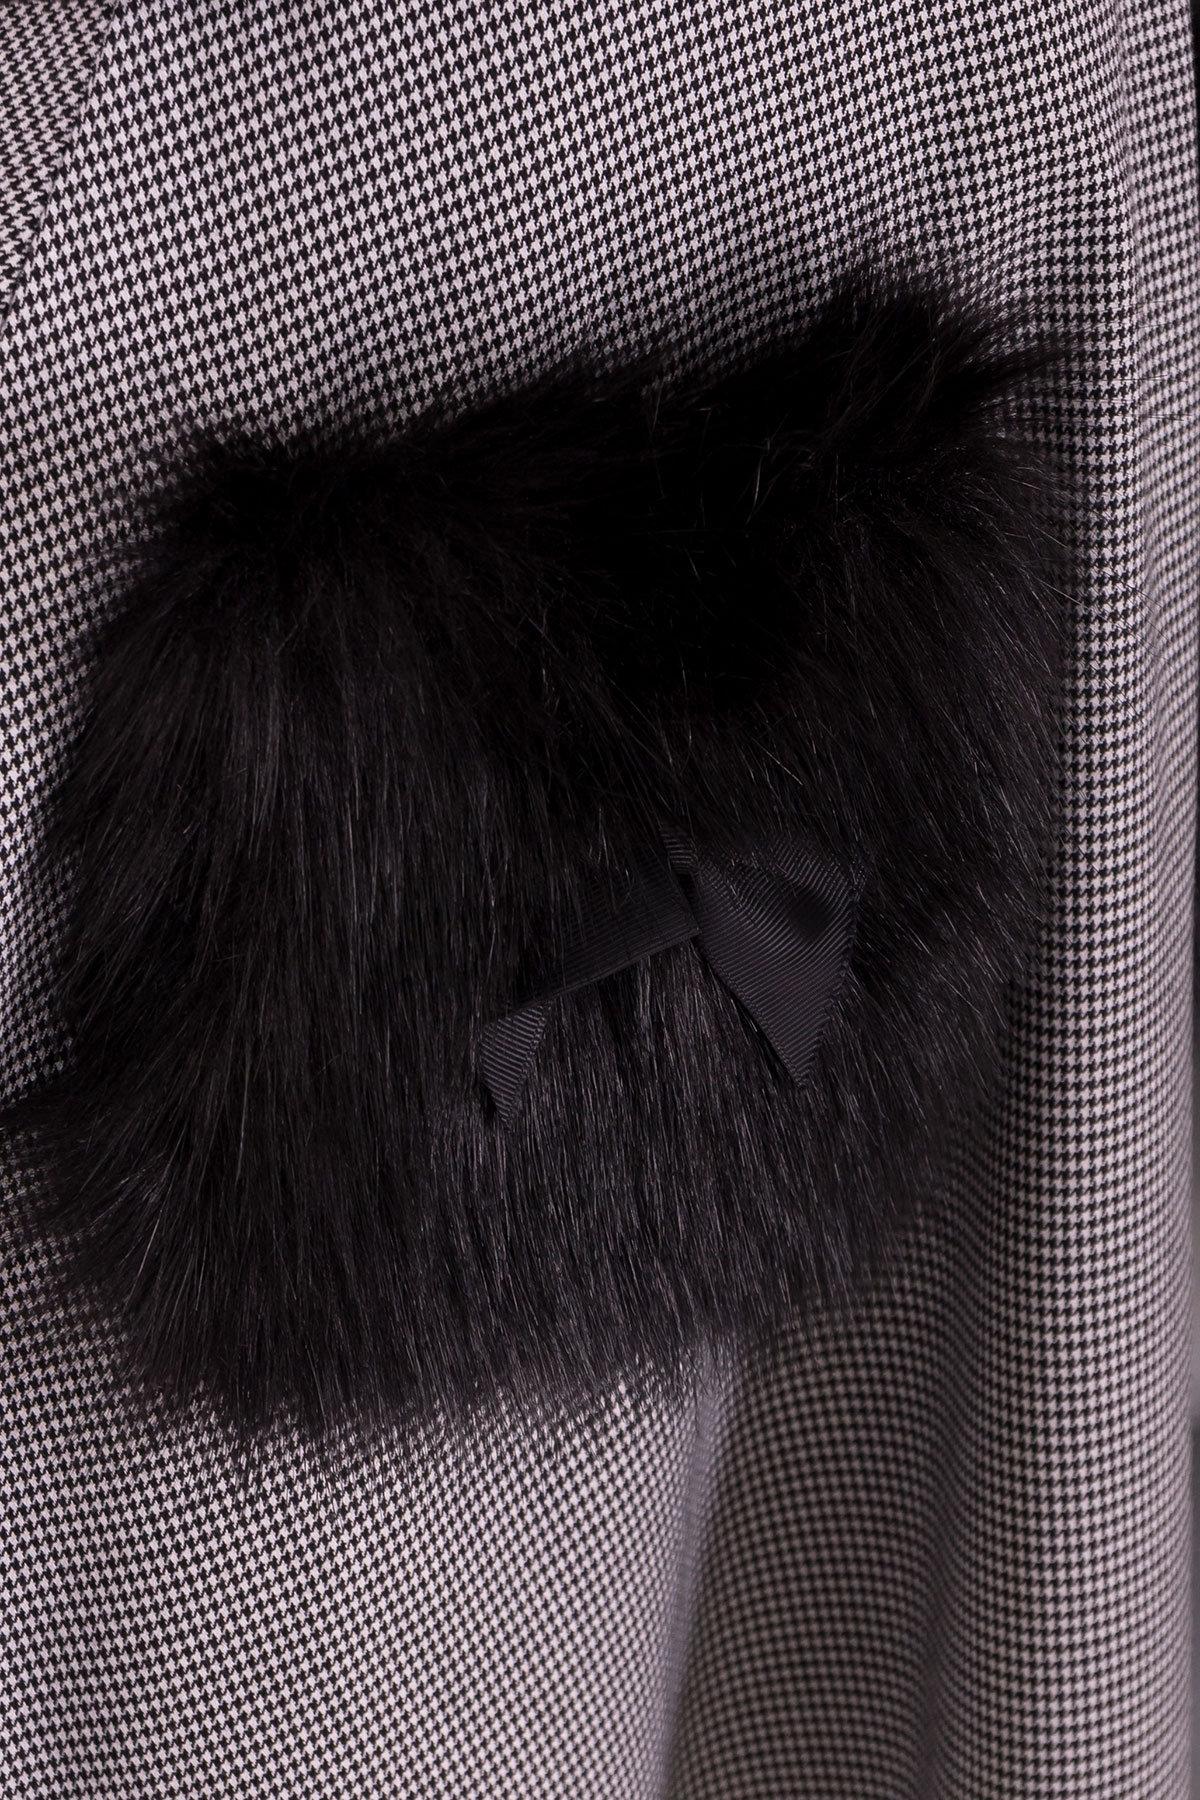 Платье Кассия 3851 Цвет: Черный/белый1/1